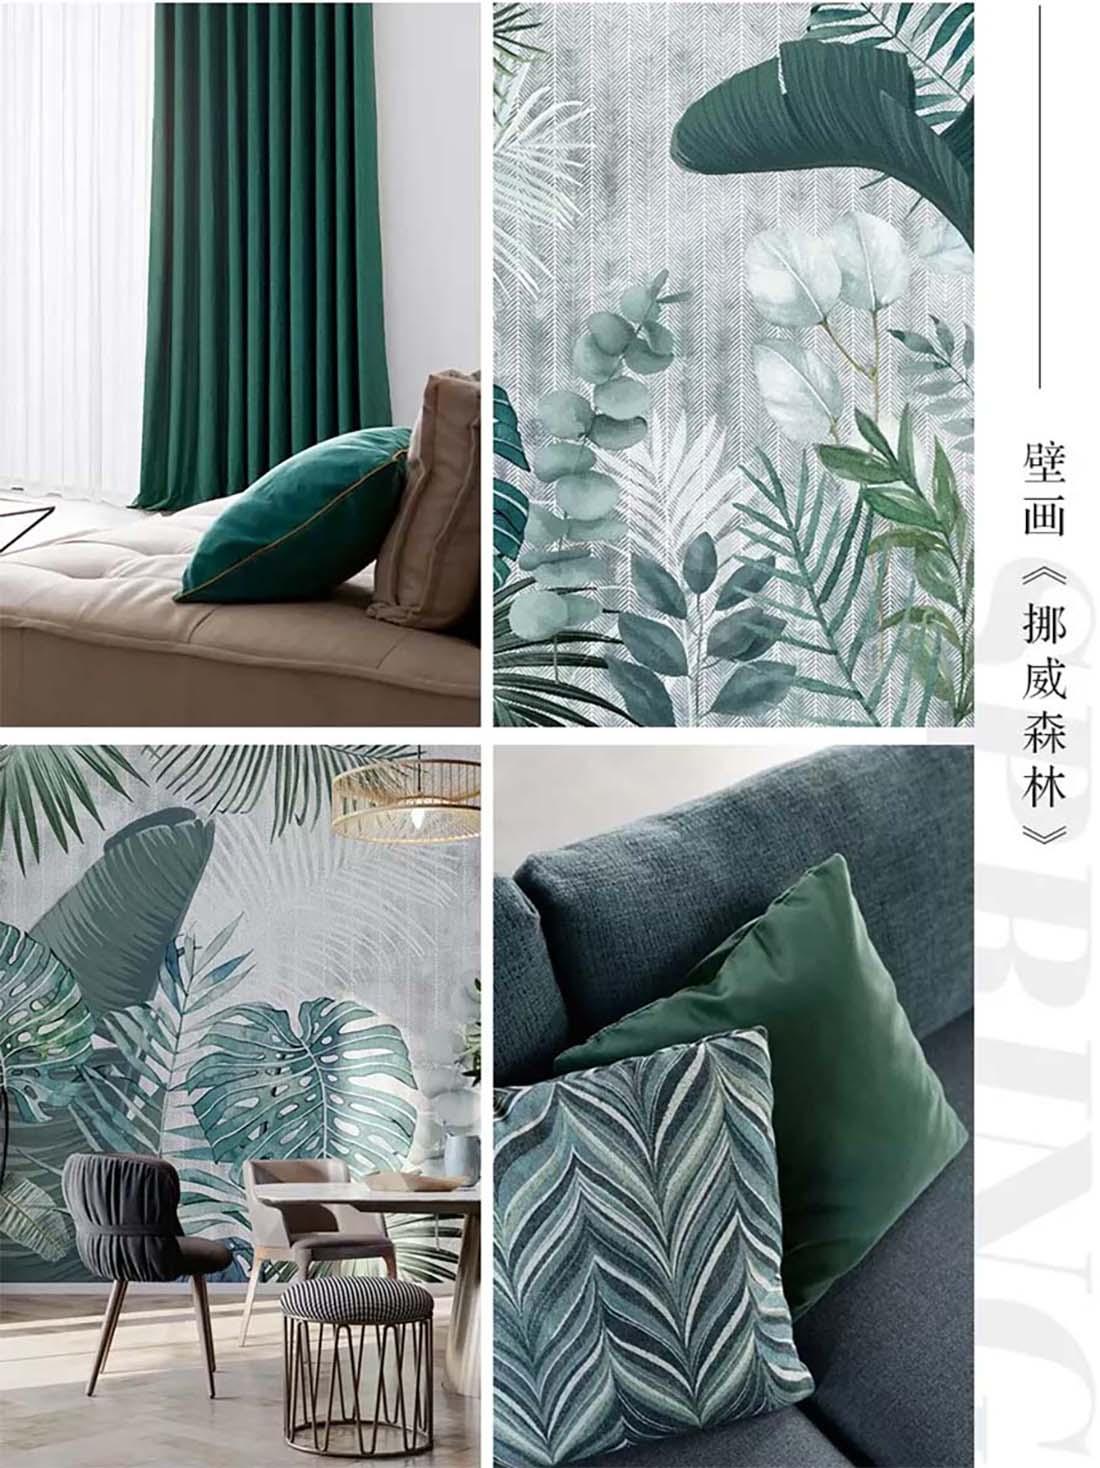 热带绿植壁画